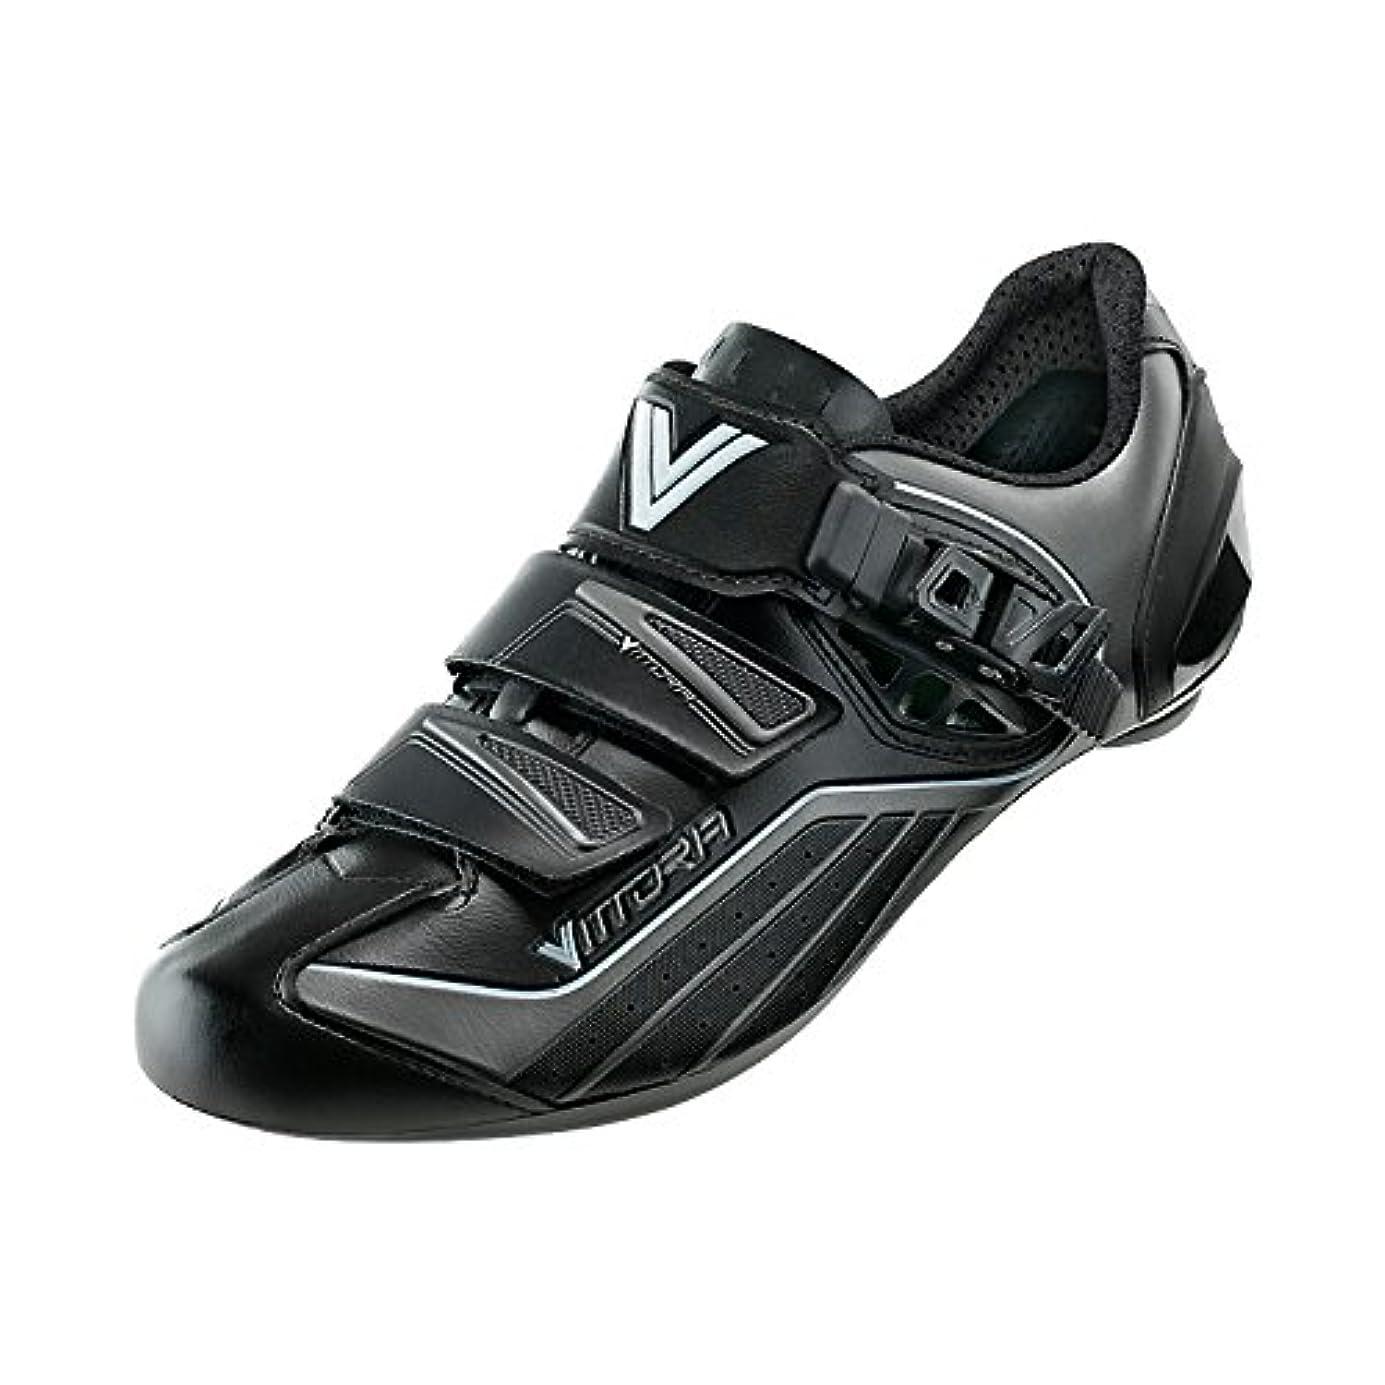 クラシカルマウンド気を散らすVittoria メンズ カラー: ブラック